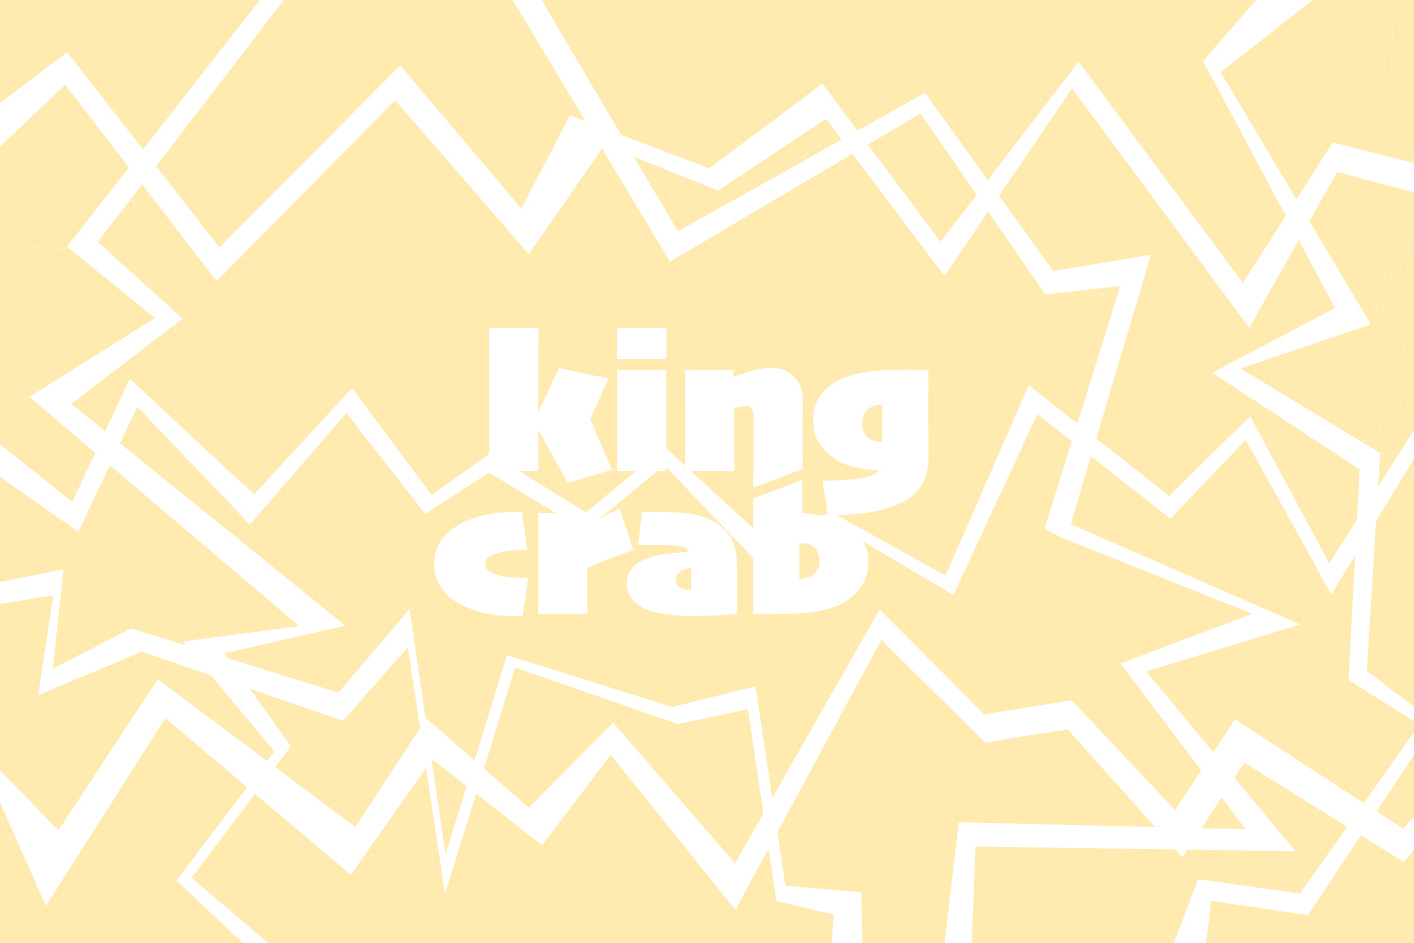 king+crab+header4.jpg